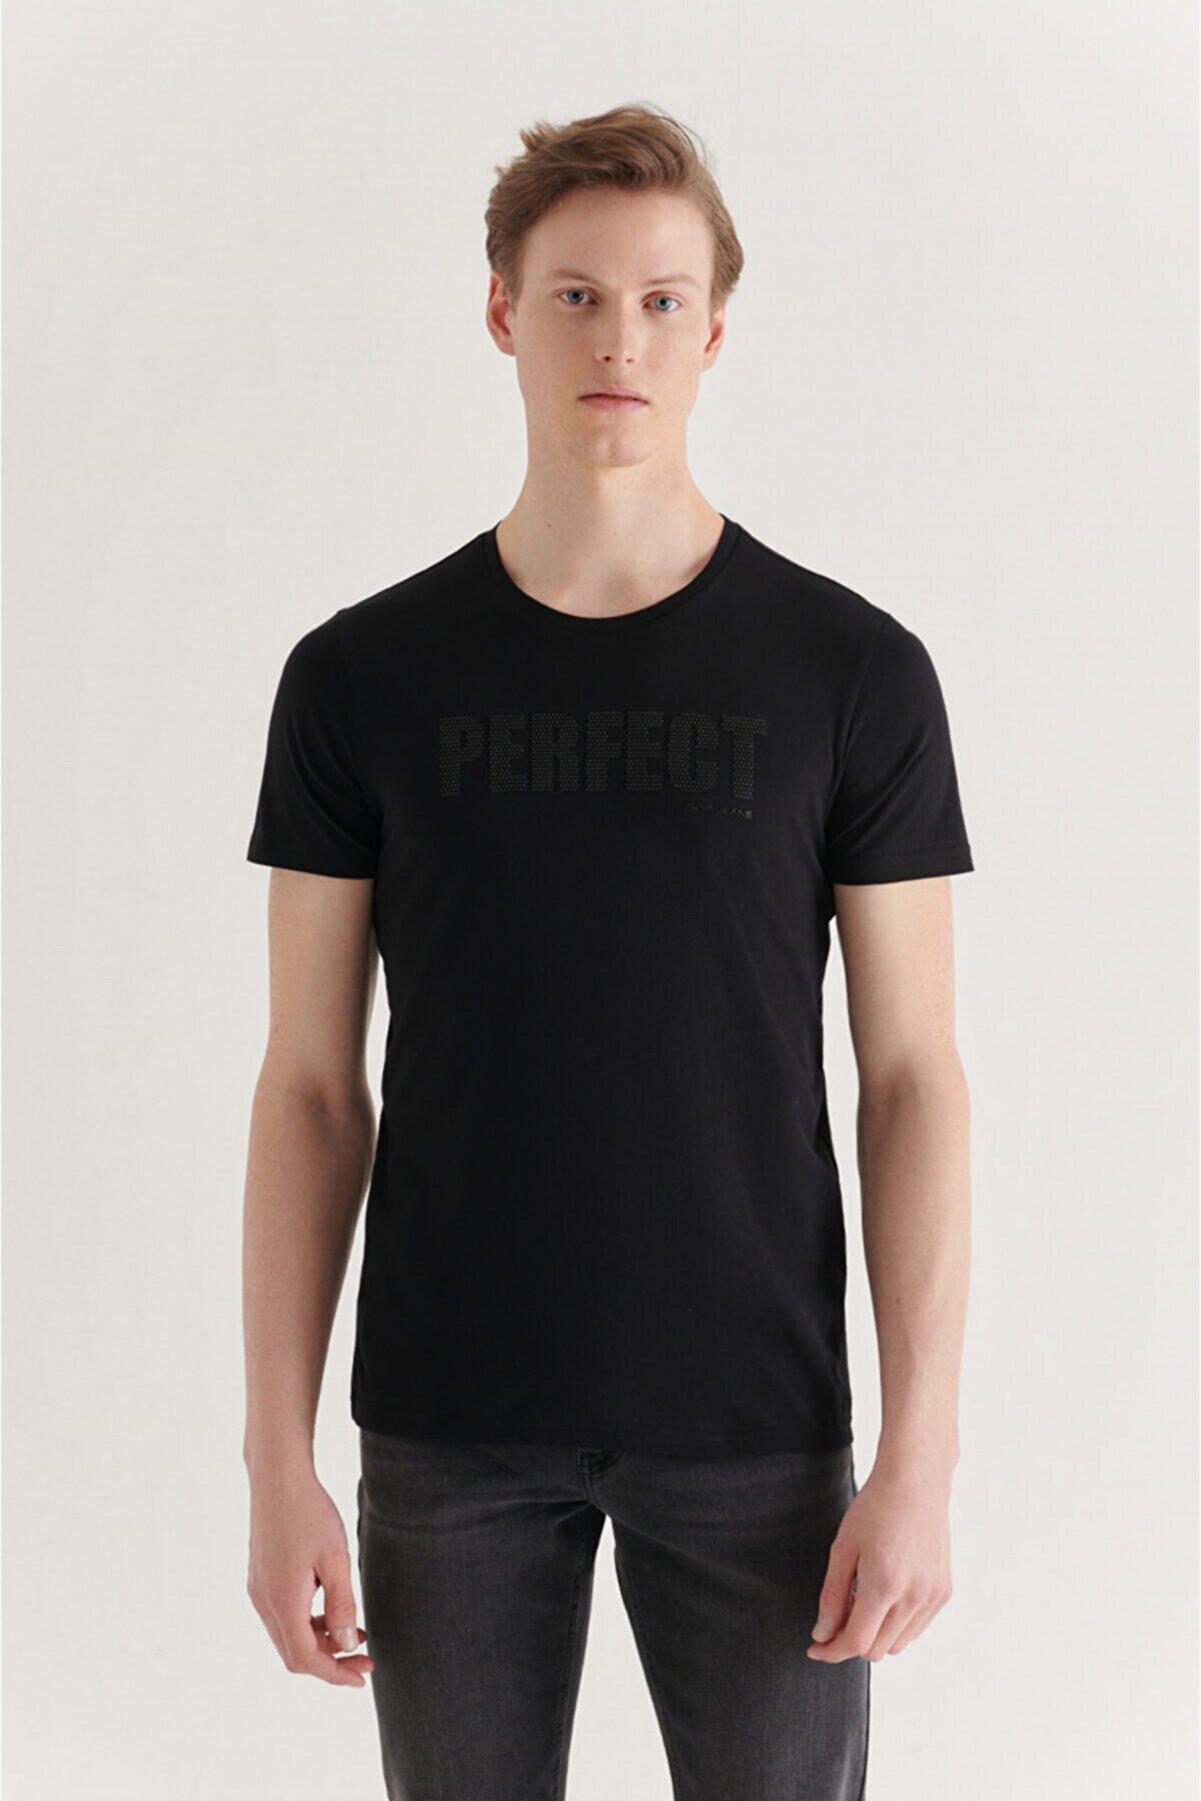 Avva Erkek Siyah Bisiklet Yaka Baskılı T-shirt A11y1019